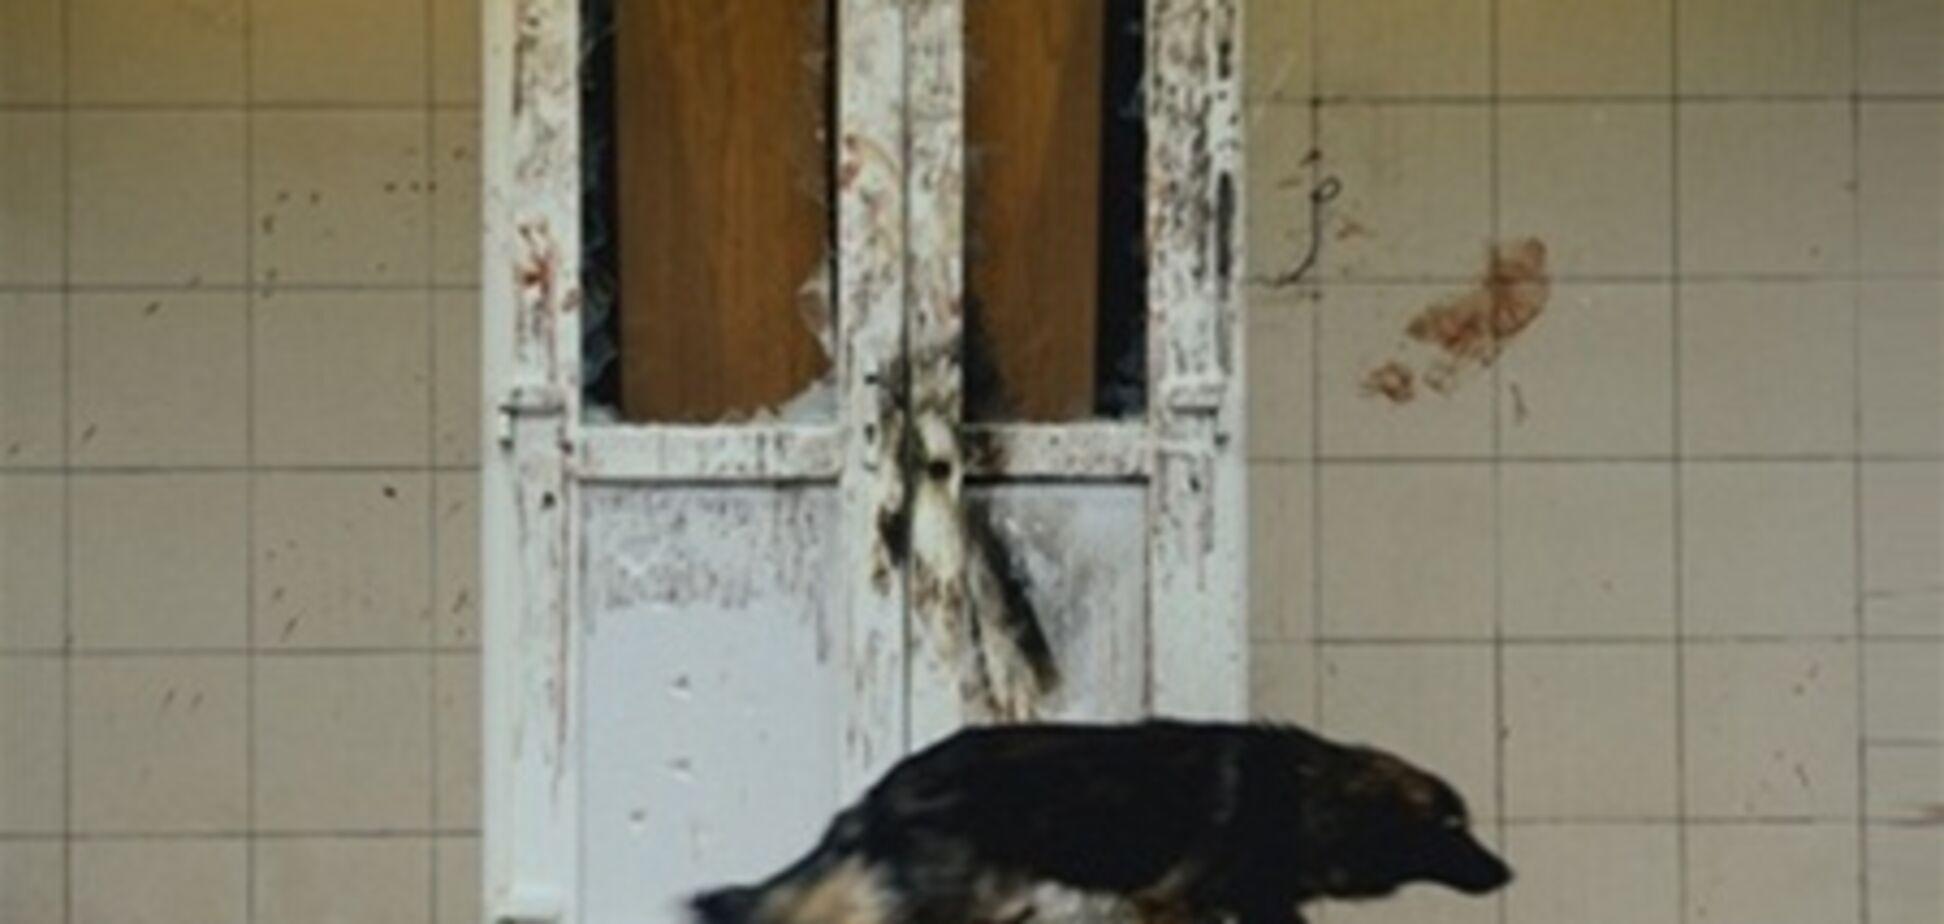 З Врадіївський міліціонерів свідчення вибивають силою - ЗМІ